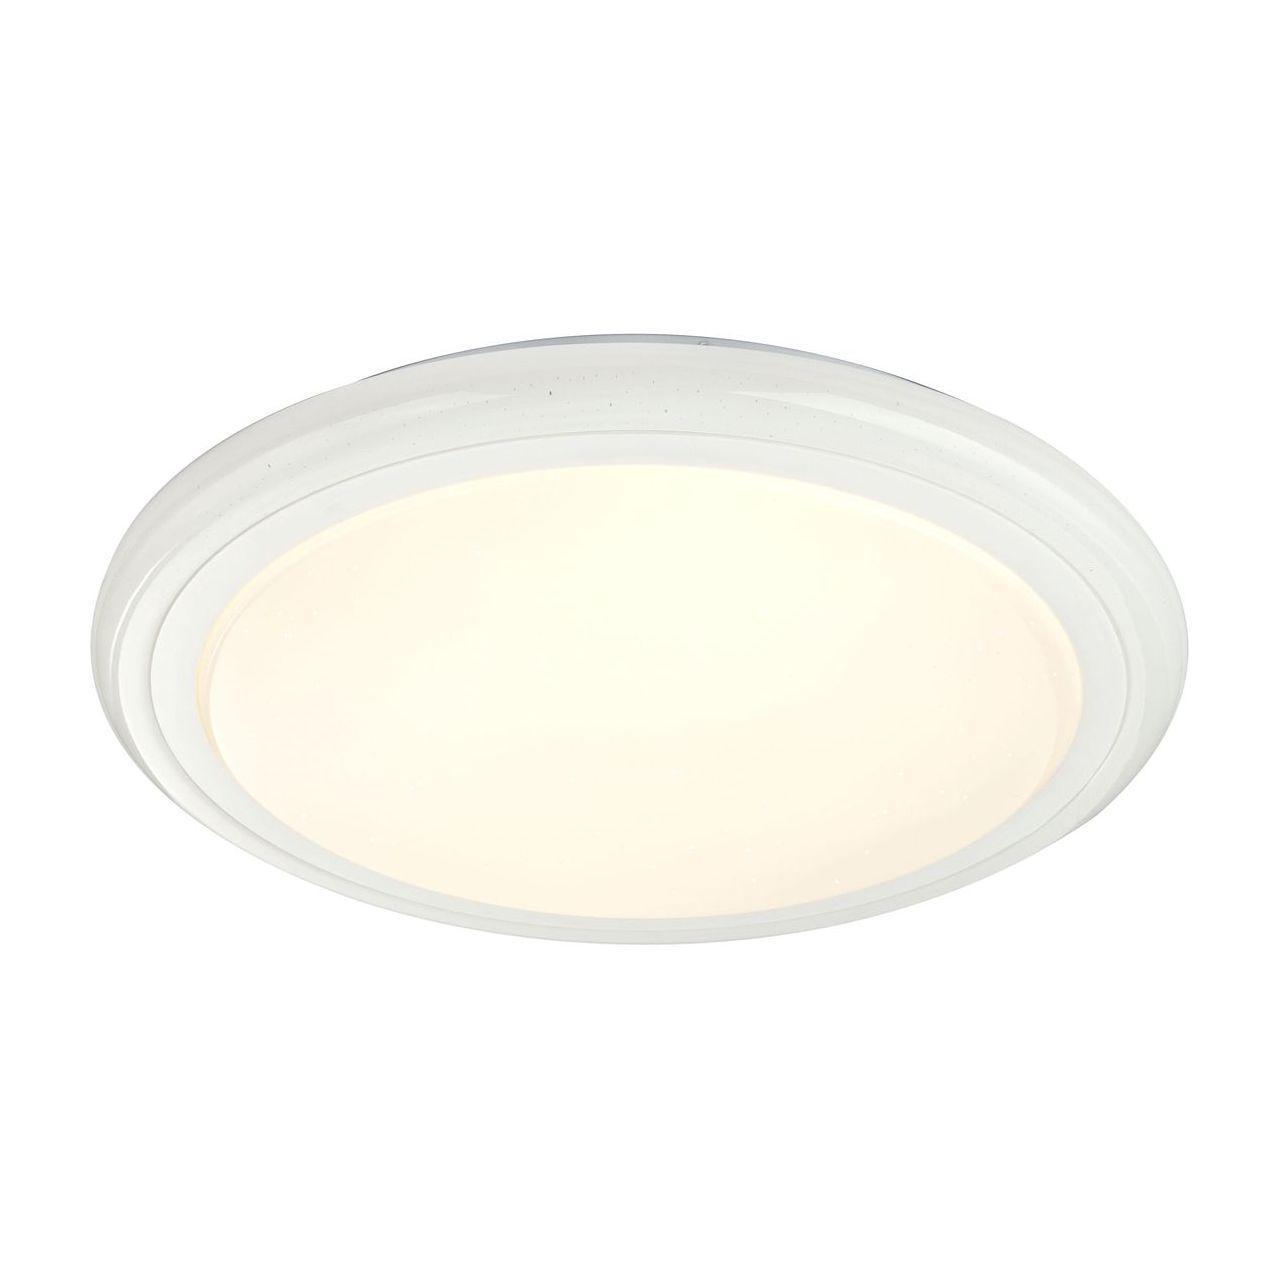 Потолочный светодиодный светильник Globo Rudi 48378-40RGB корзина для сушки bosch wmz 20600 wz 20600 11006122